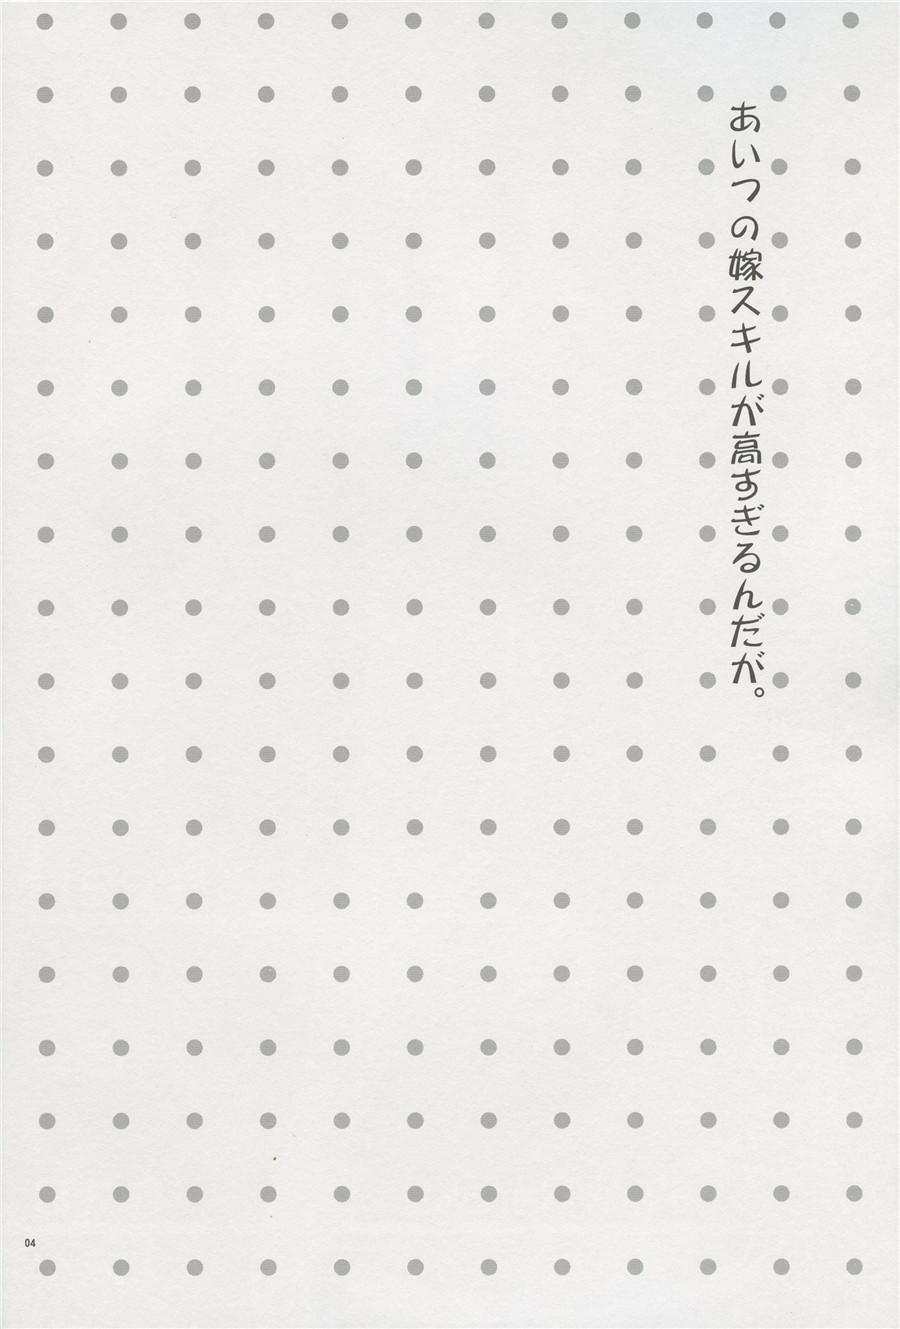 Aitsu no Yome Skill ga Takasugirundaga. 2